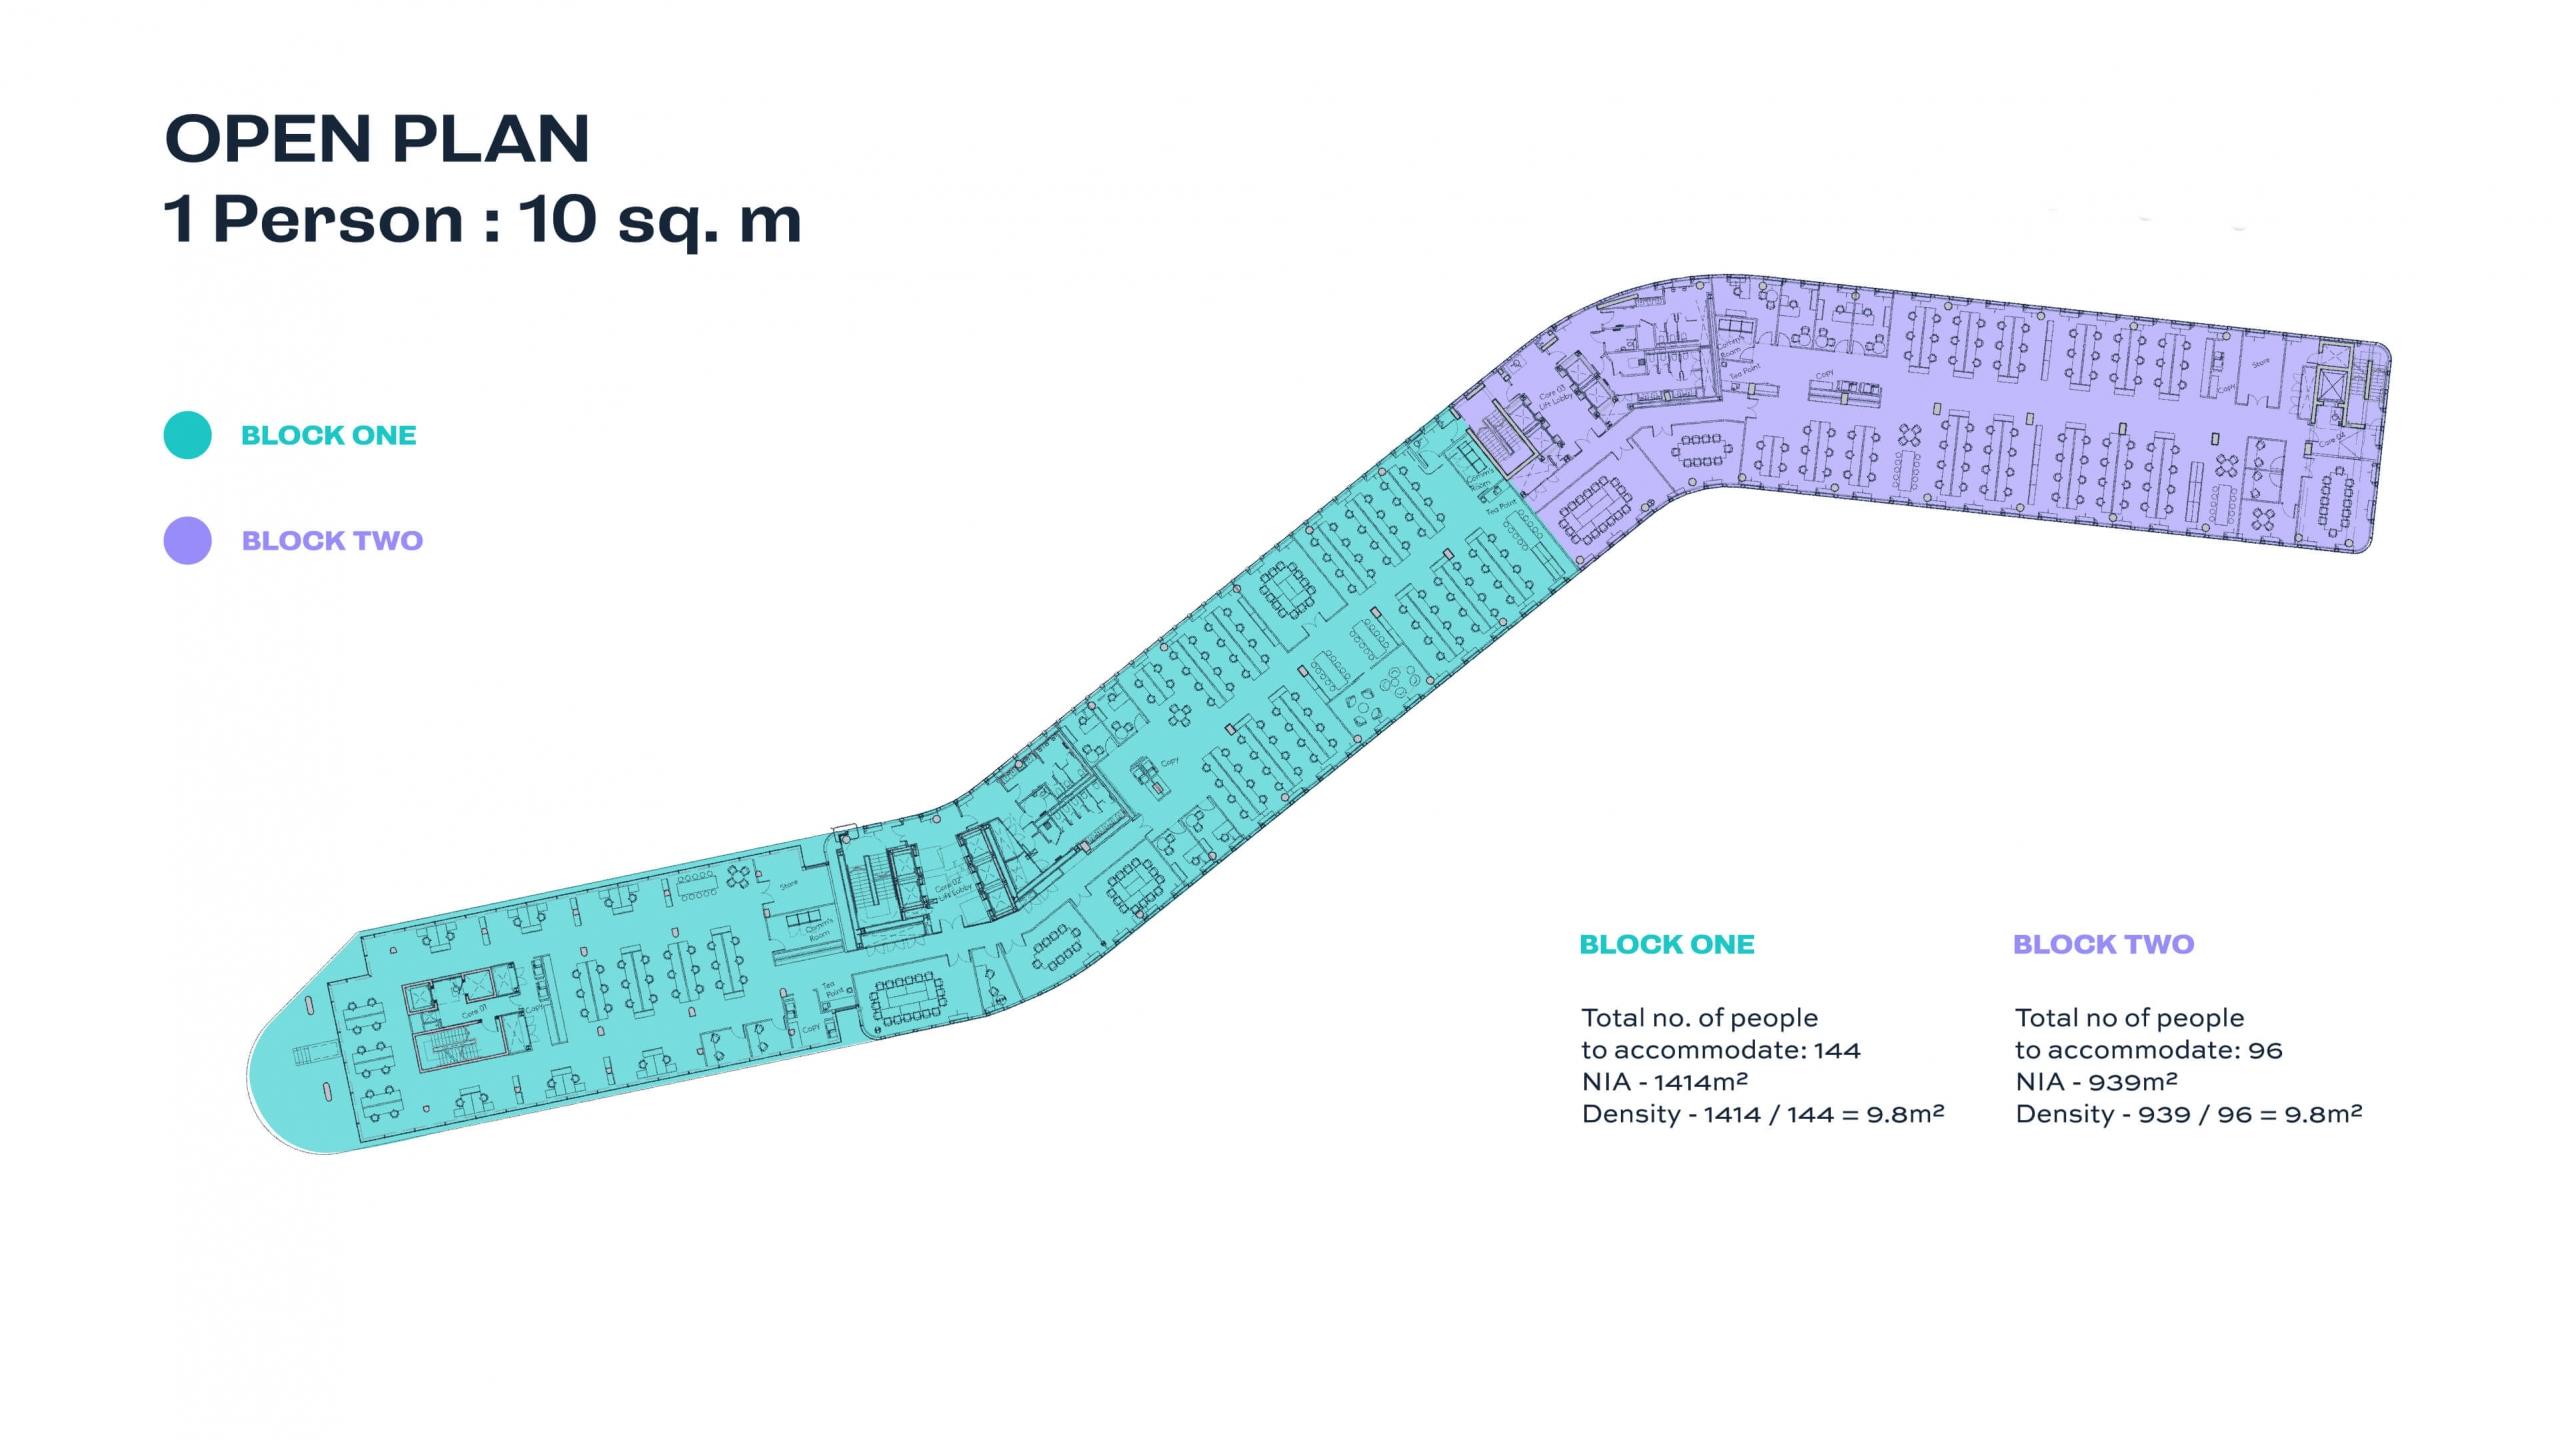 The Seamark Building Dublin Open Plan 1:10